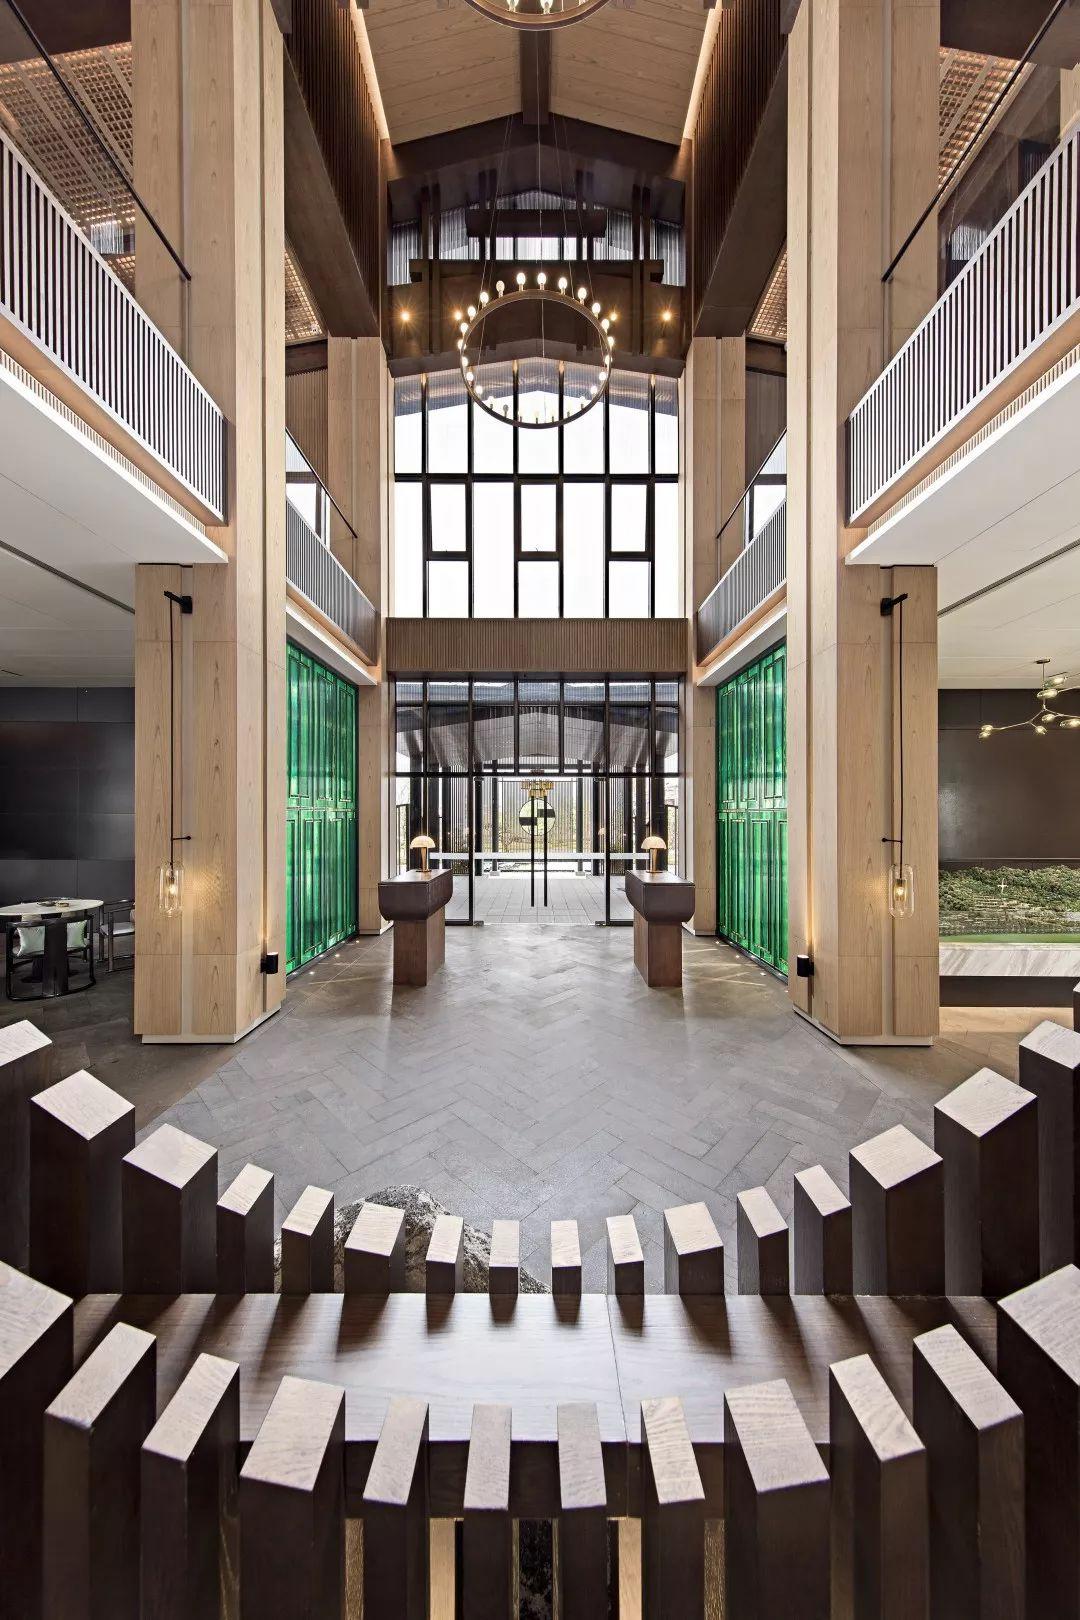 崇义绿邦合一山居销售中心室内设计 / 矩阵纵横